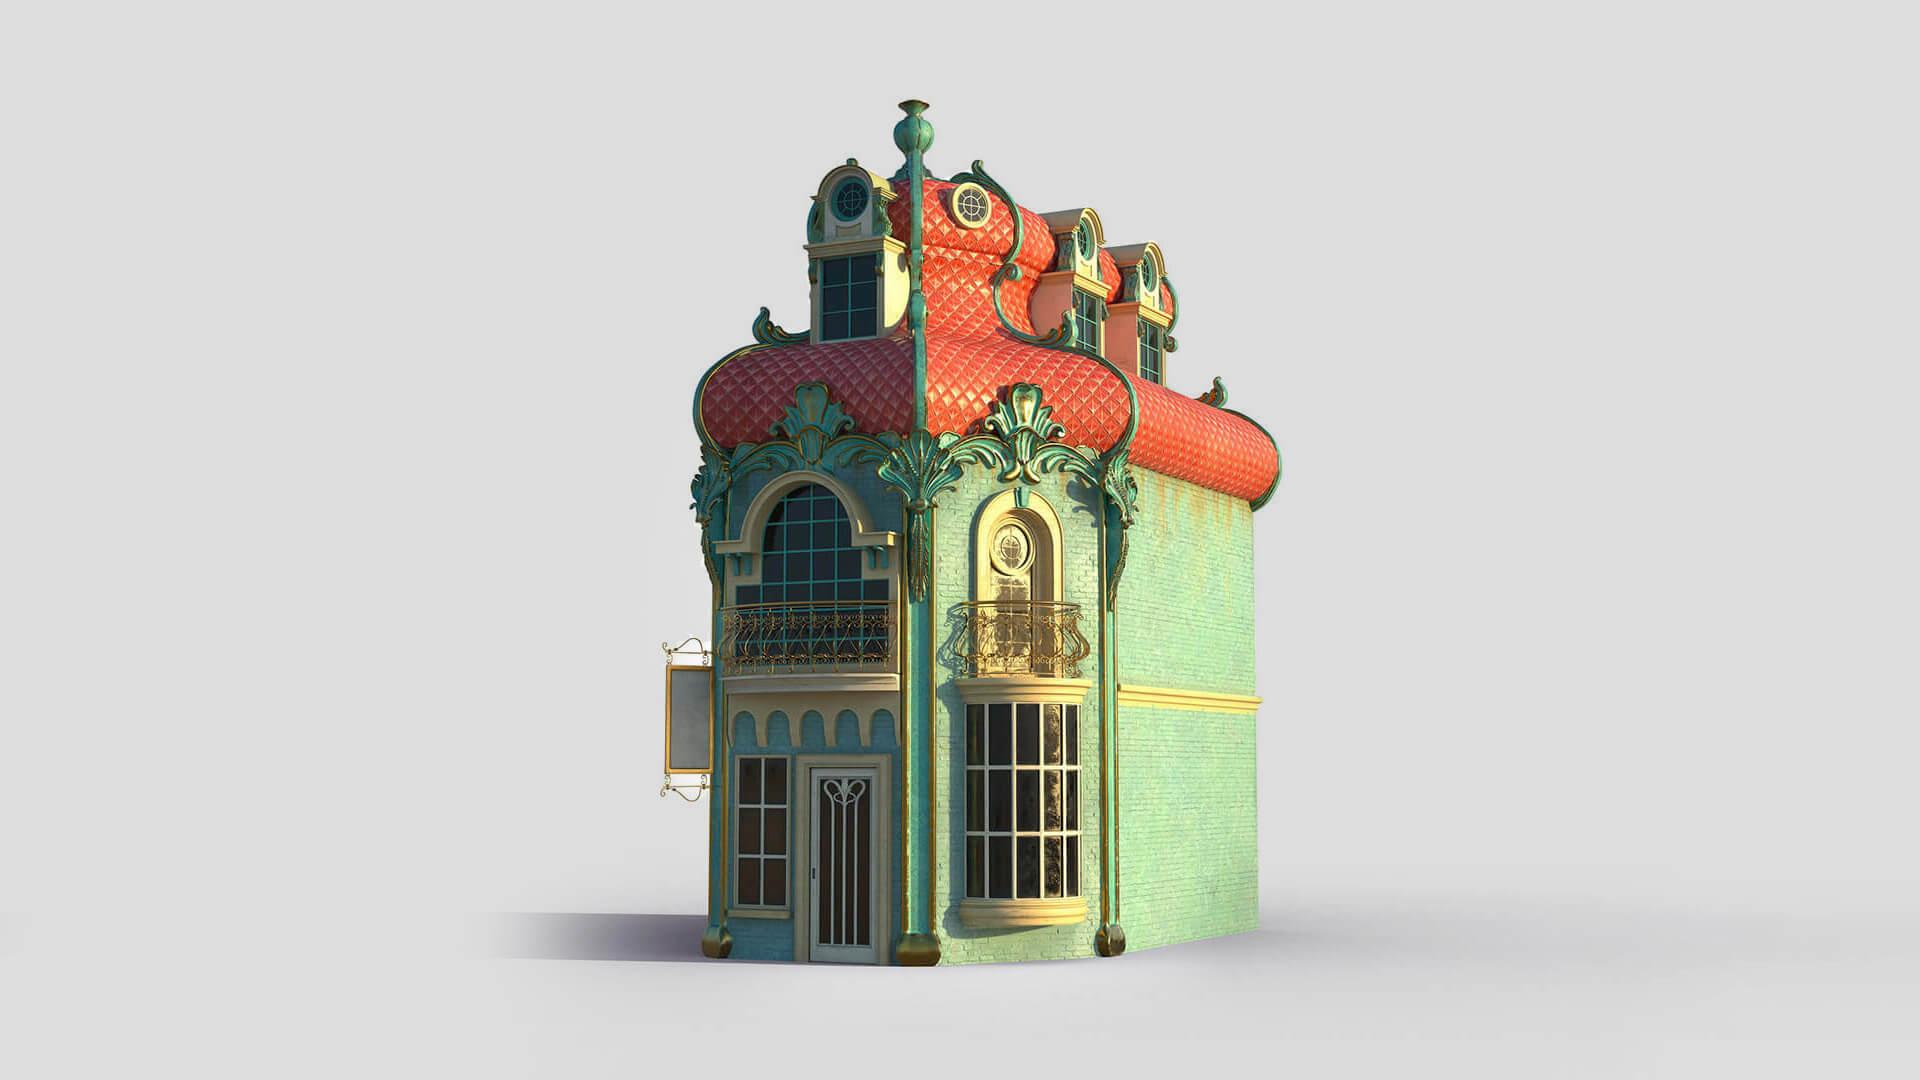 roofstudio_unbreakable_process-28